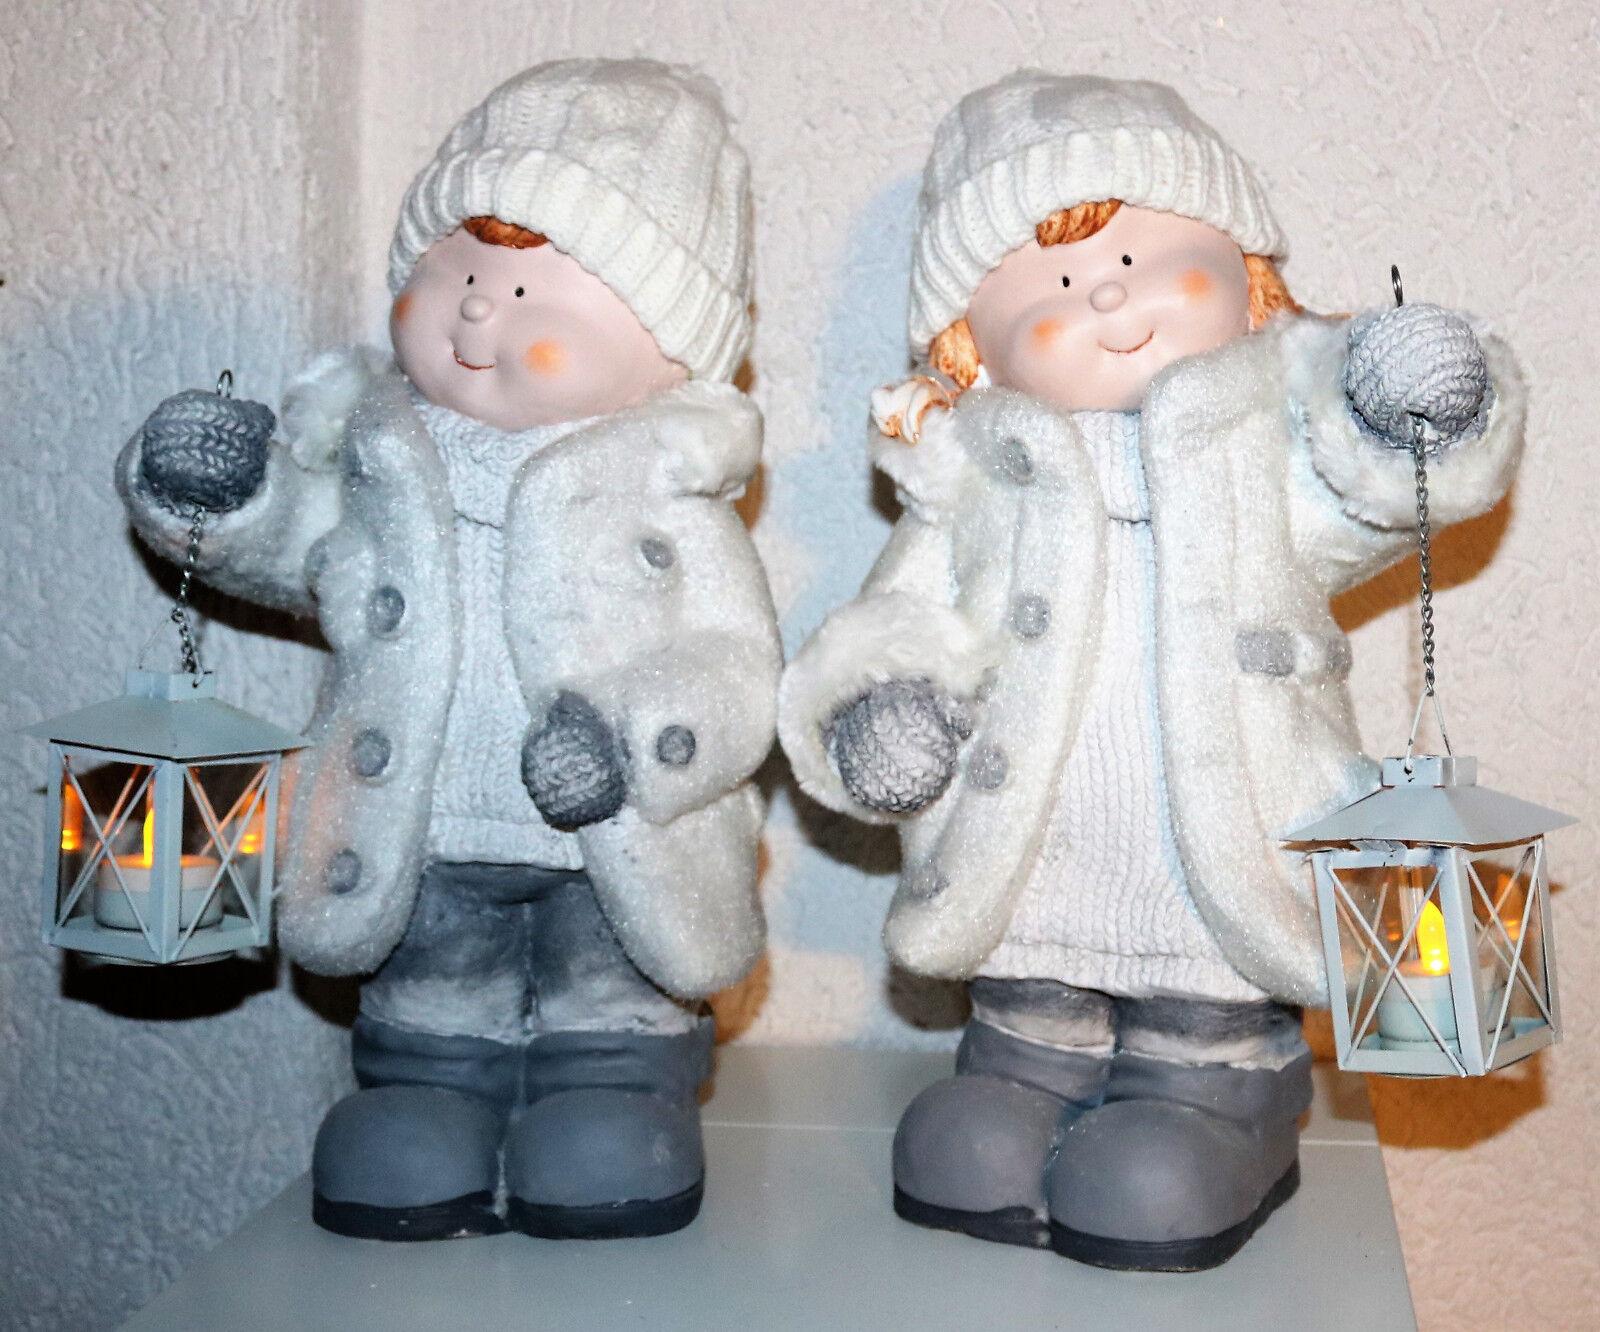 Décoration hiver enfants, debout 2 tageusement Lanterne 41 cm H beau design floqués